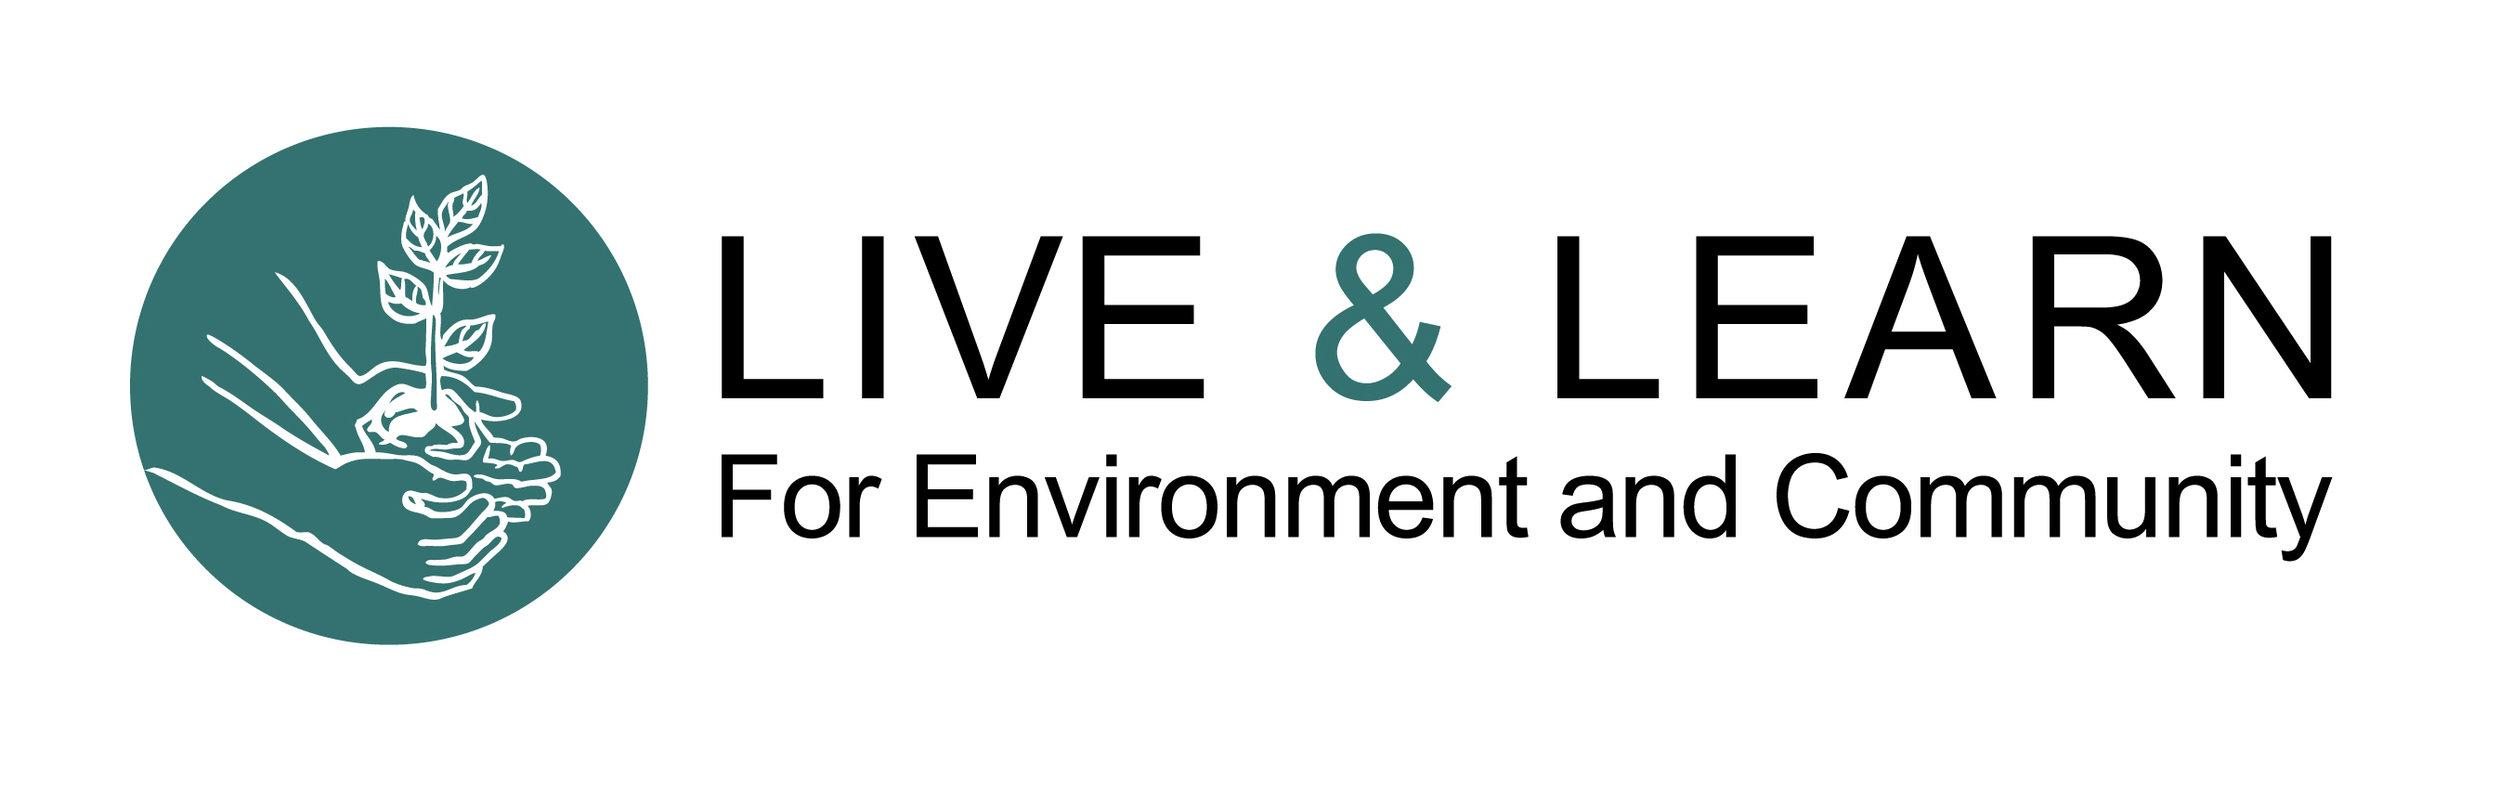 1526891313845-logo live learn fin_1.jpg